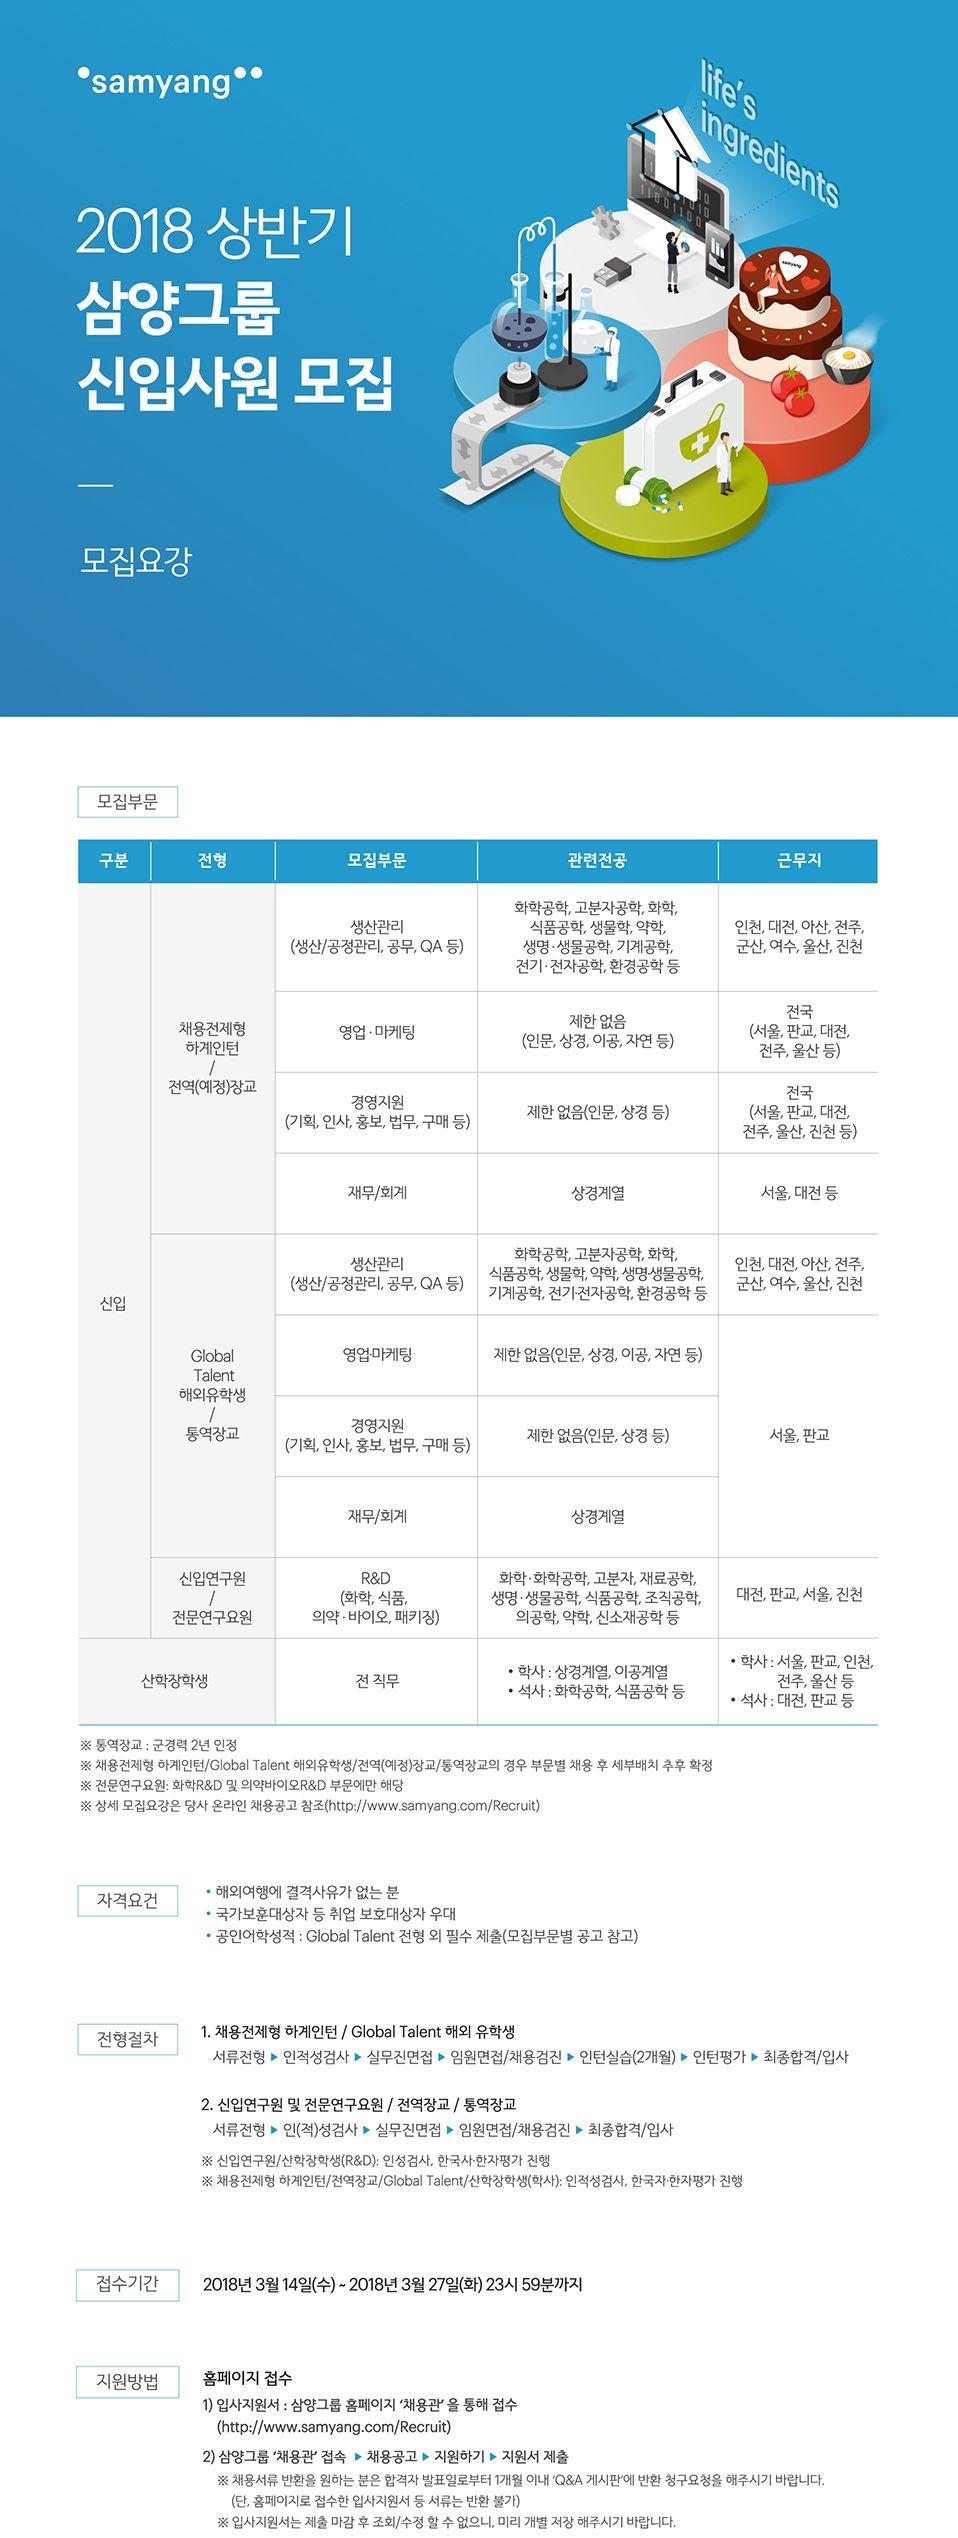 [삼양그룹] 2018 상반기 신입사원 모집